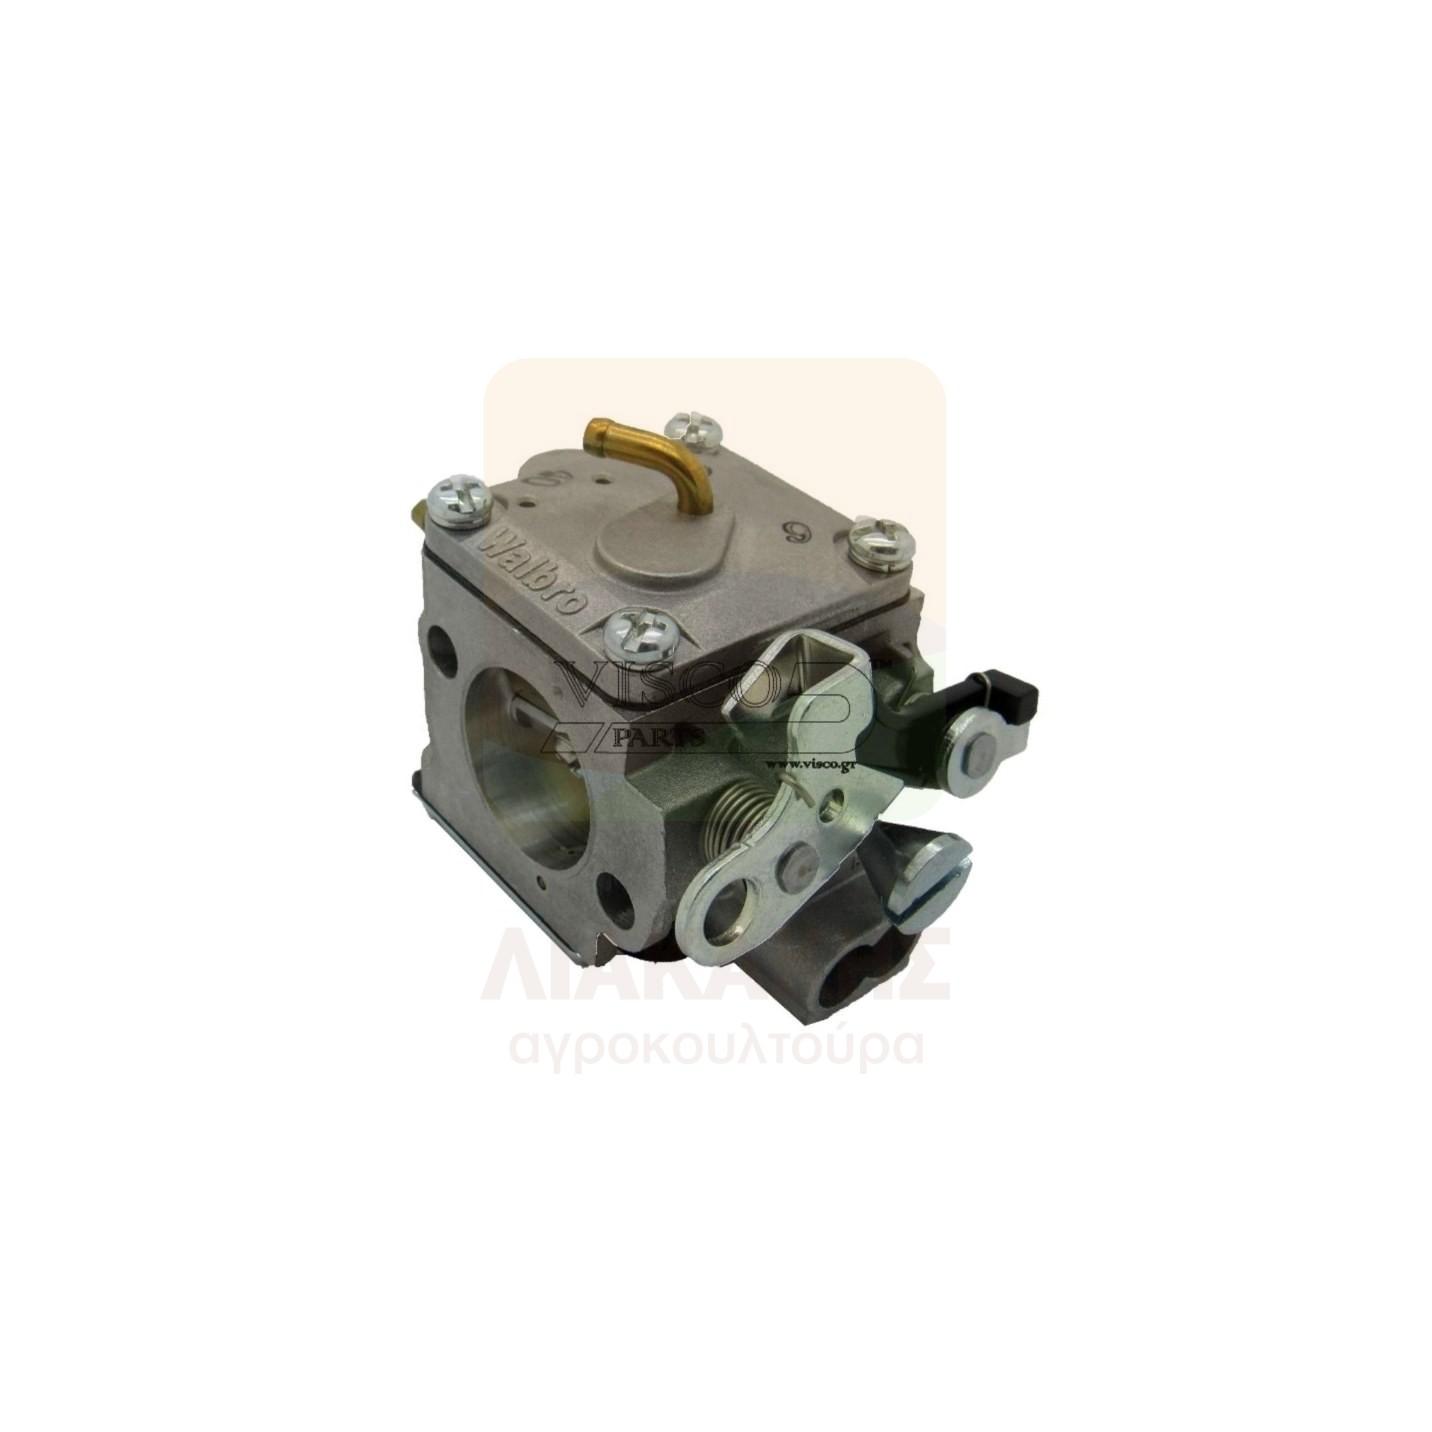 ΚΑΡ-045 Καρμπυρατέρ HUSQVARNA-JONSERED 385XP – 390 - CS 2186-CS 2188 ORIGINAL